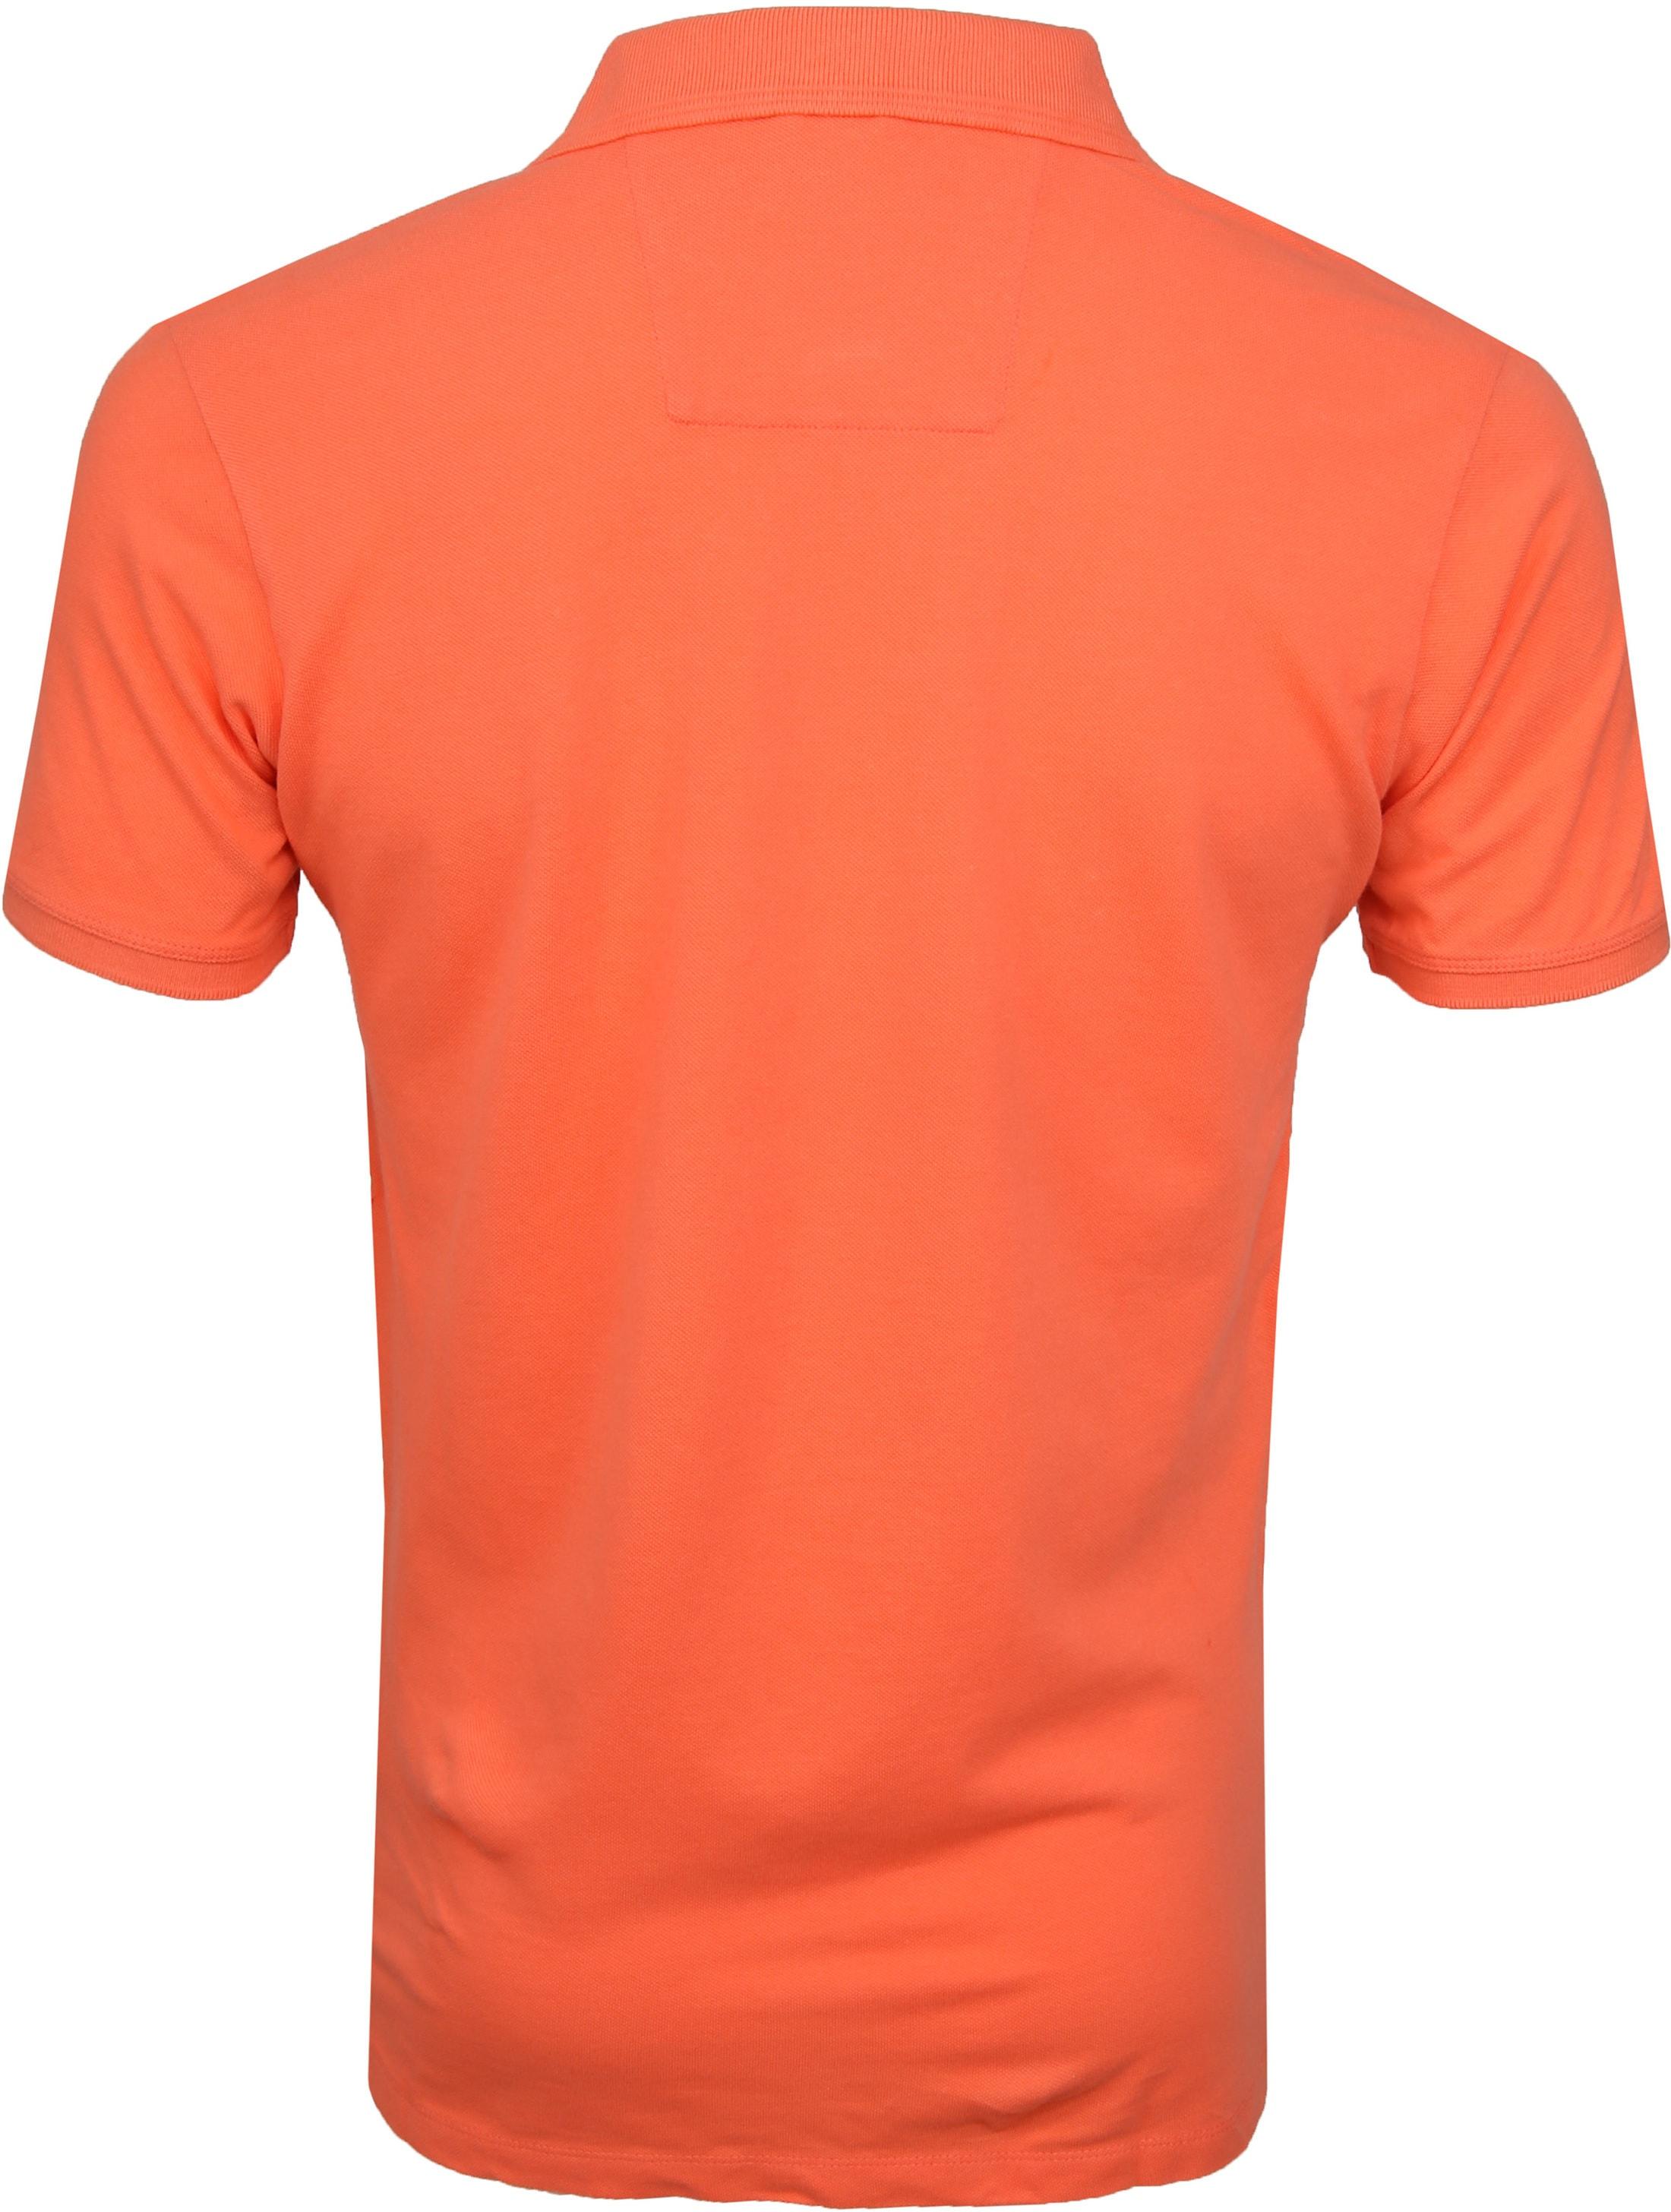 Dstrezzed Bowie Poloshirt Orange foto 3